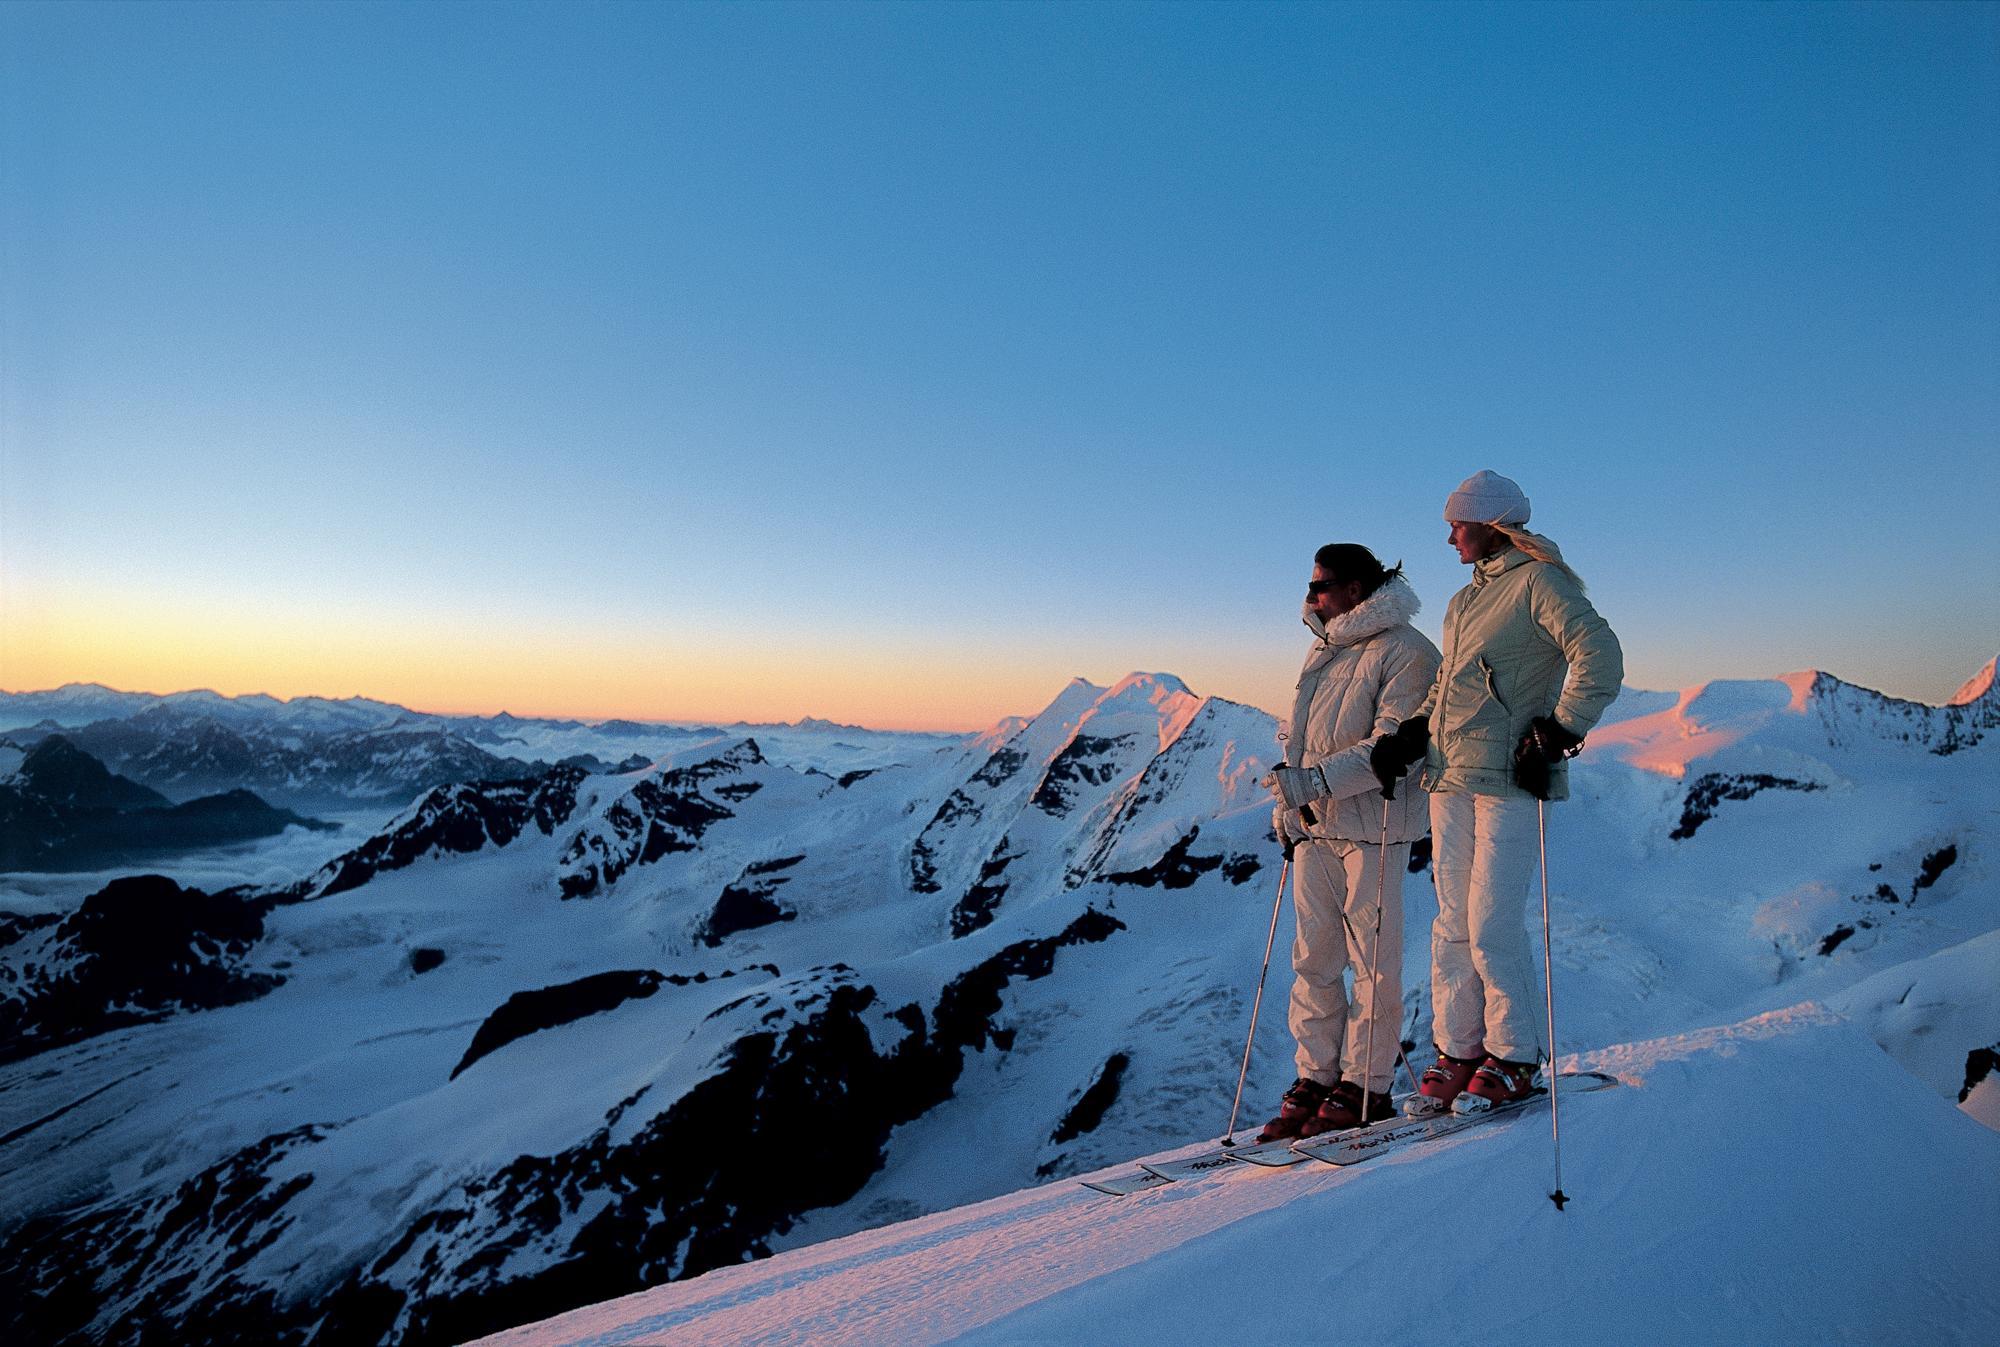 爱旅游 | 滑雪天堂之旅 从圣莫里茨到采尔马特